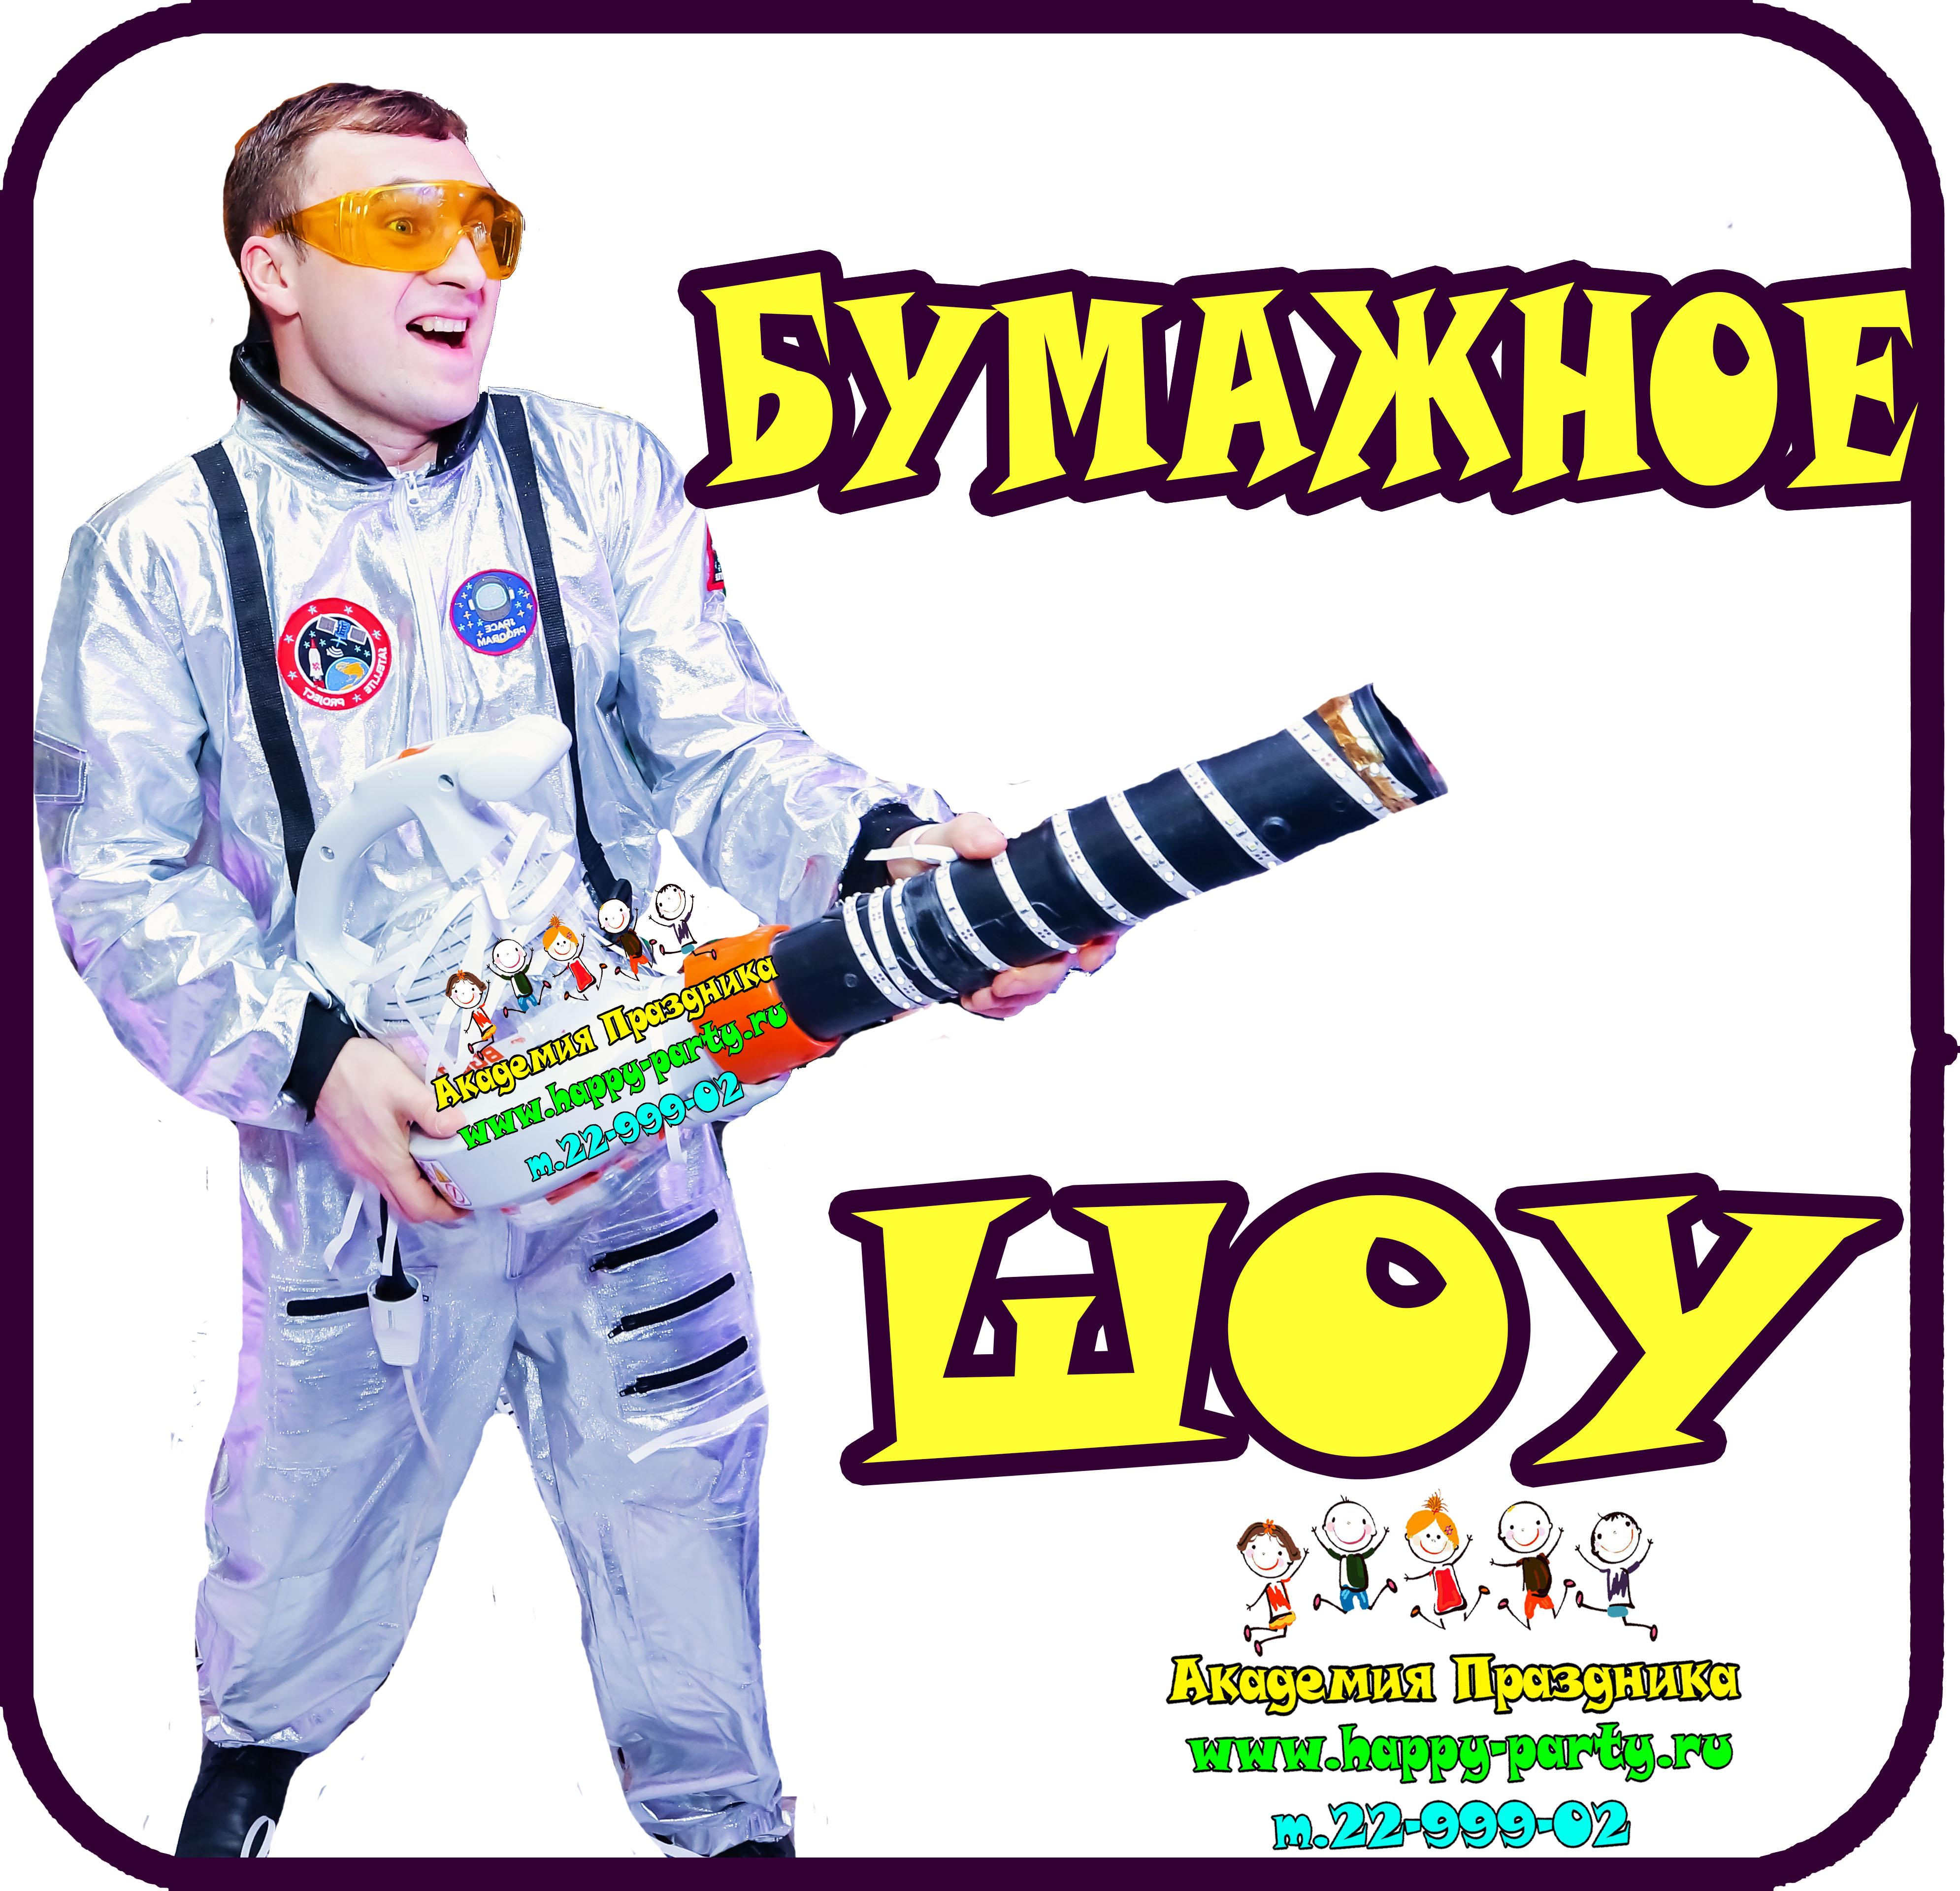 Бумажное шоу в Ростове-на-Дону